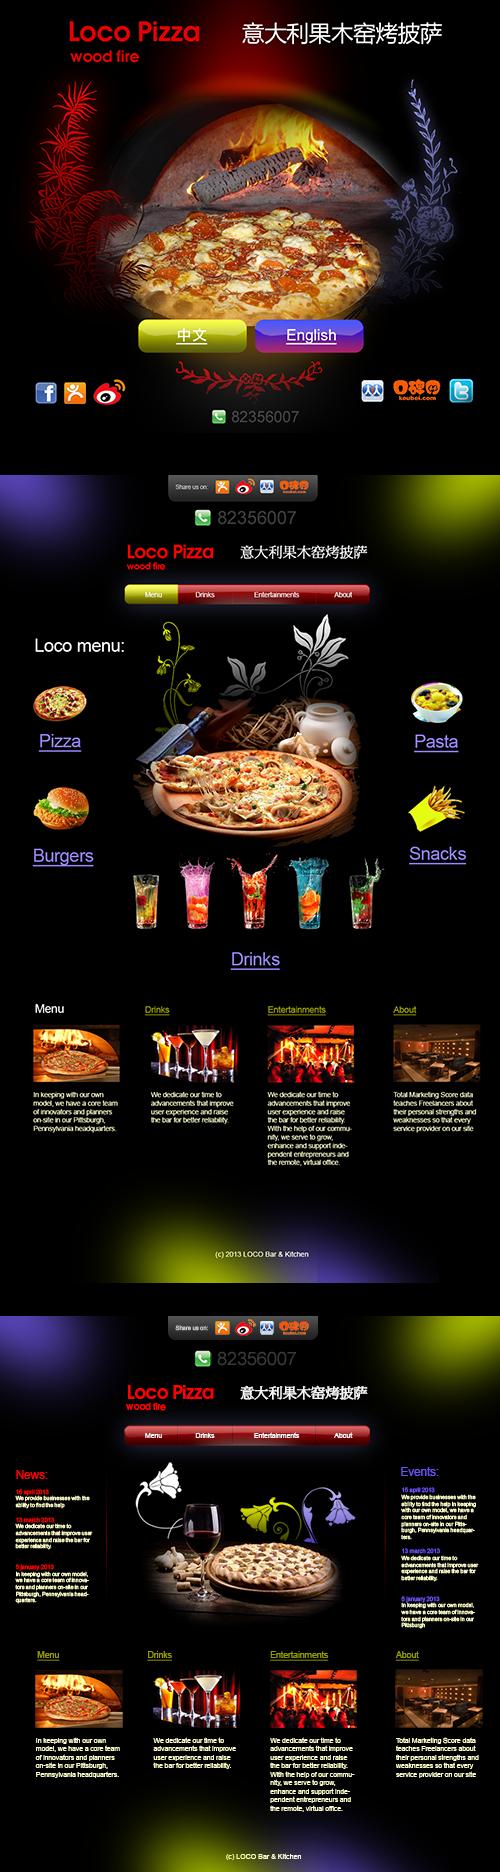 pizzafolio